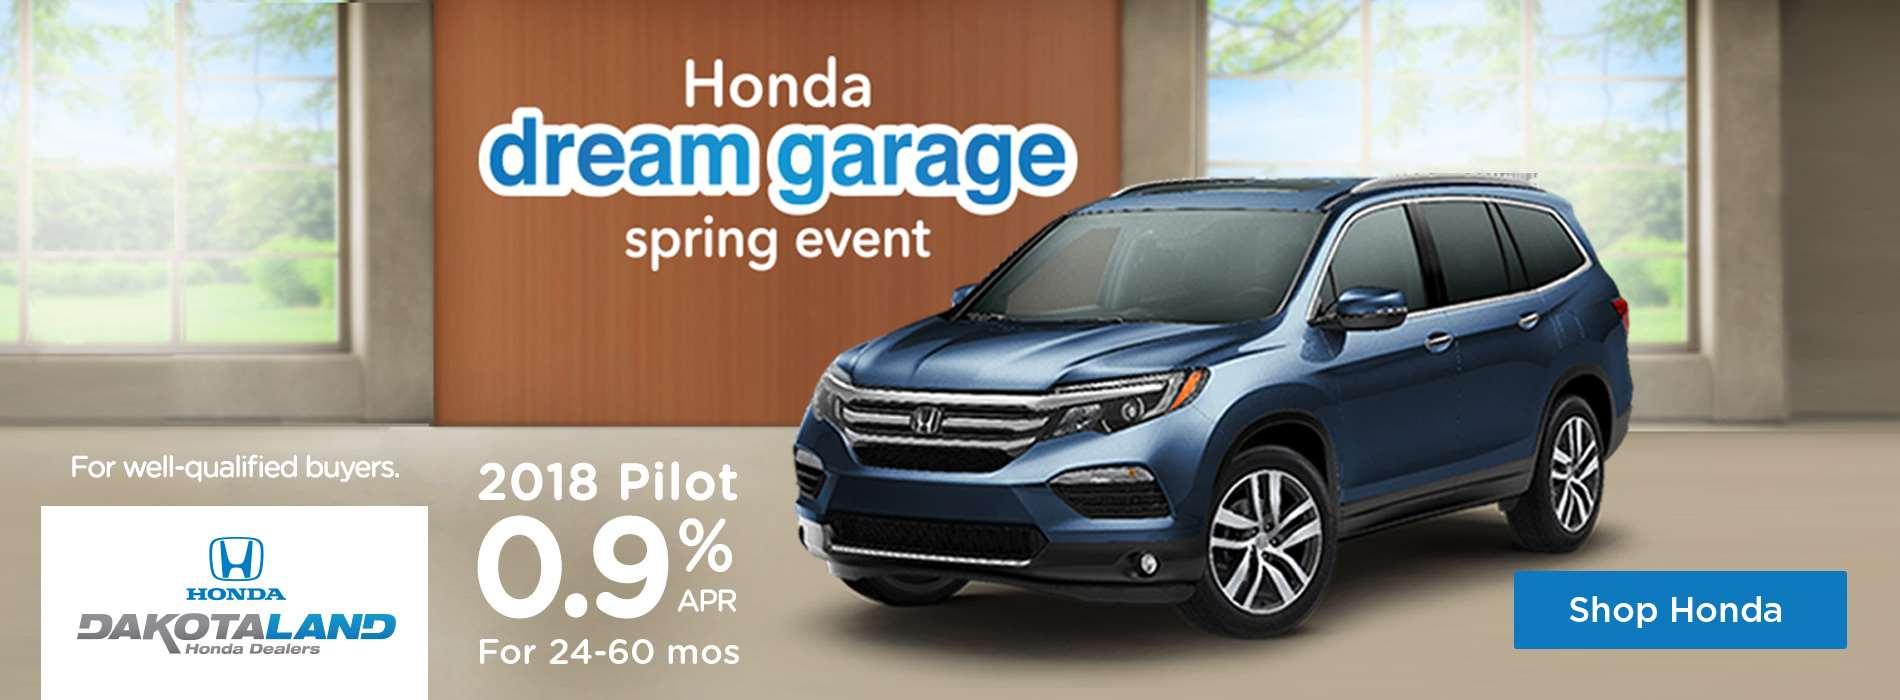 Honda Dream Garage Spring Event Pilot